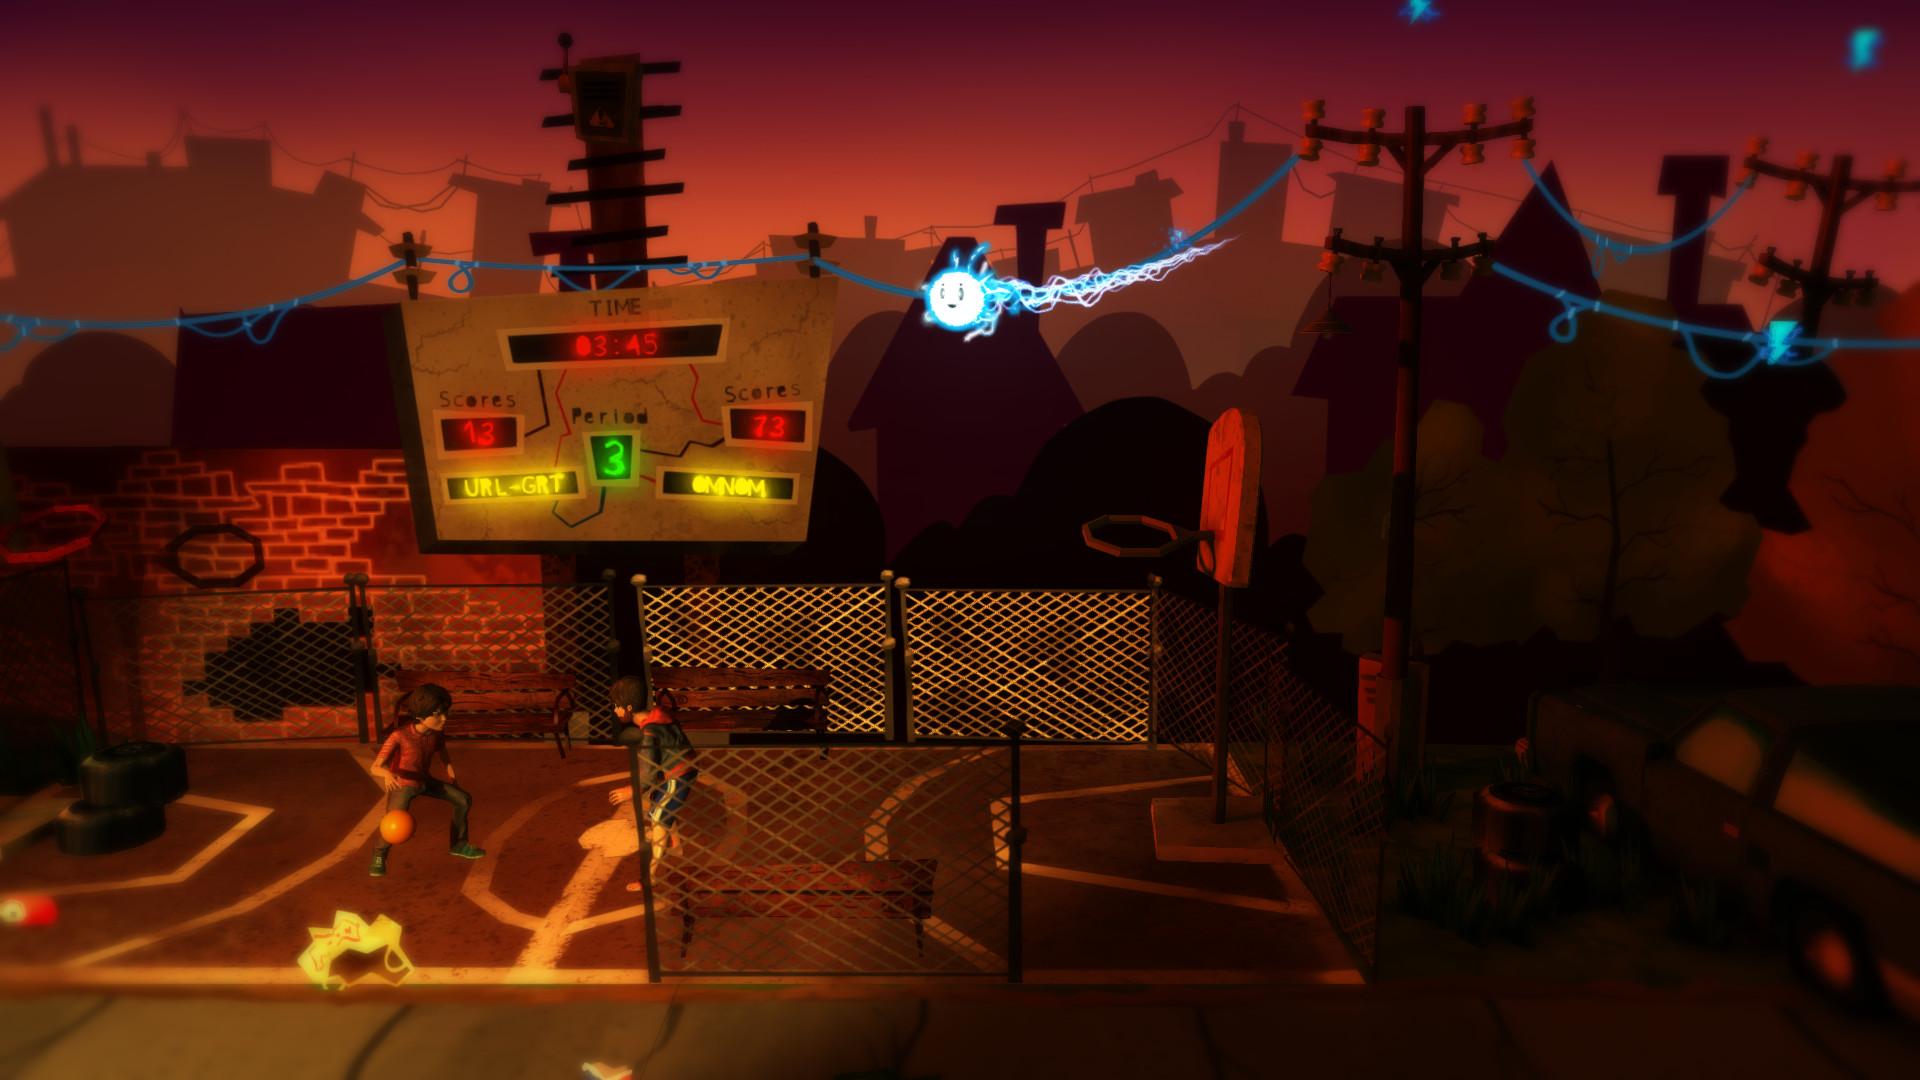 TurnOn Screenshot 3